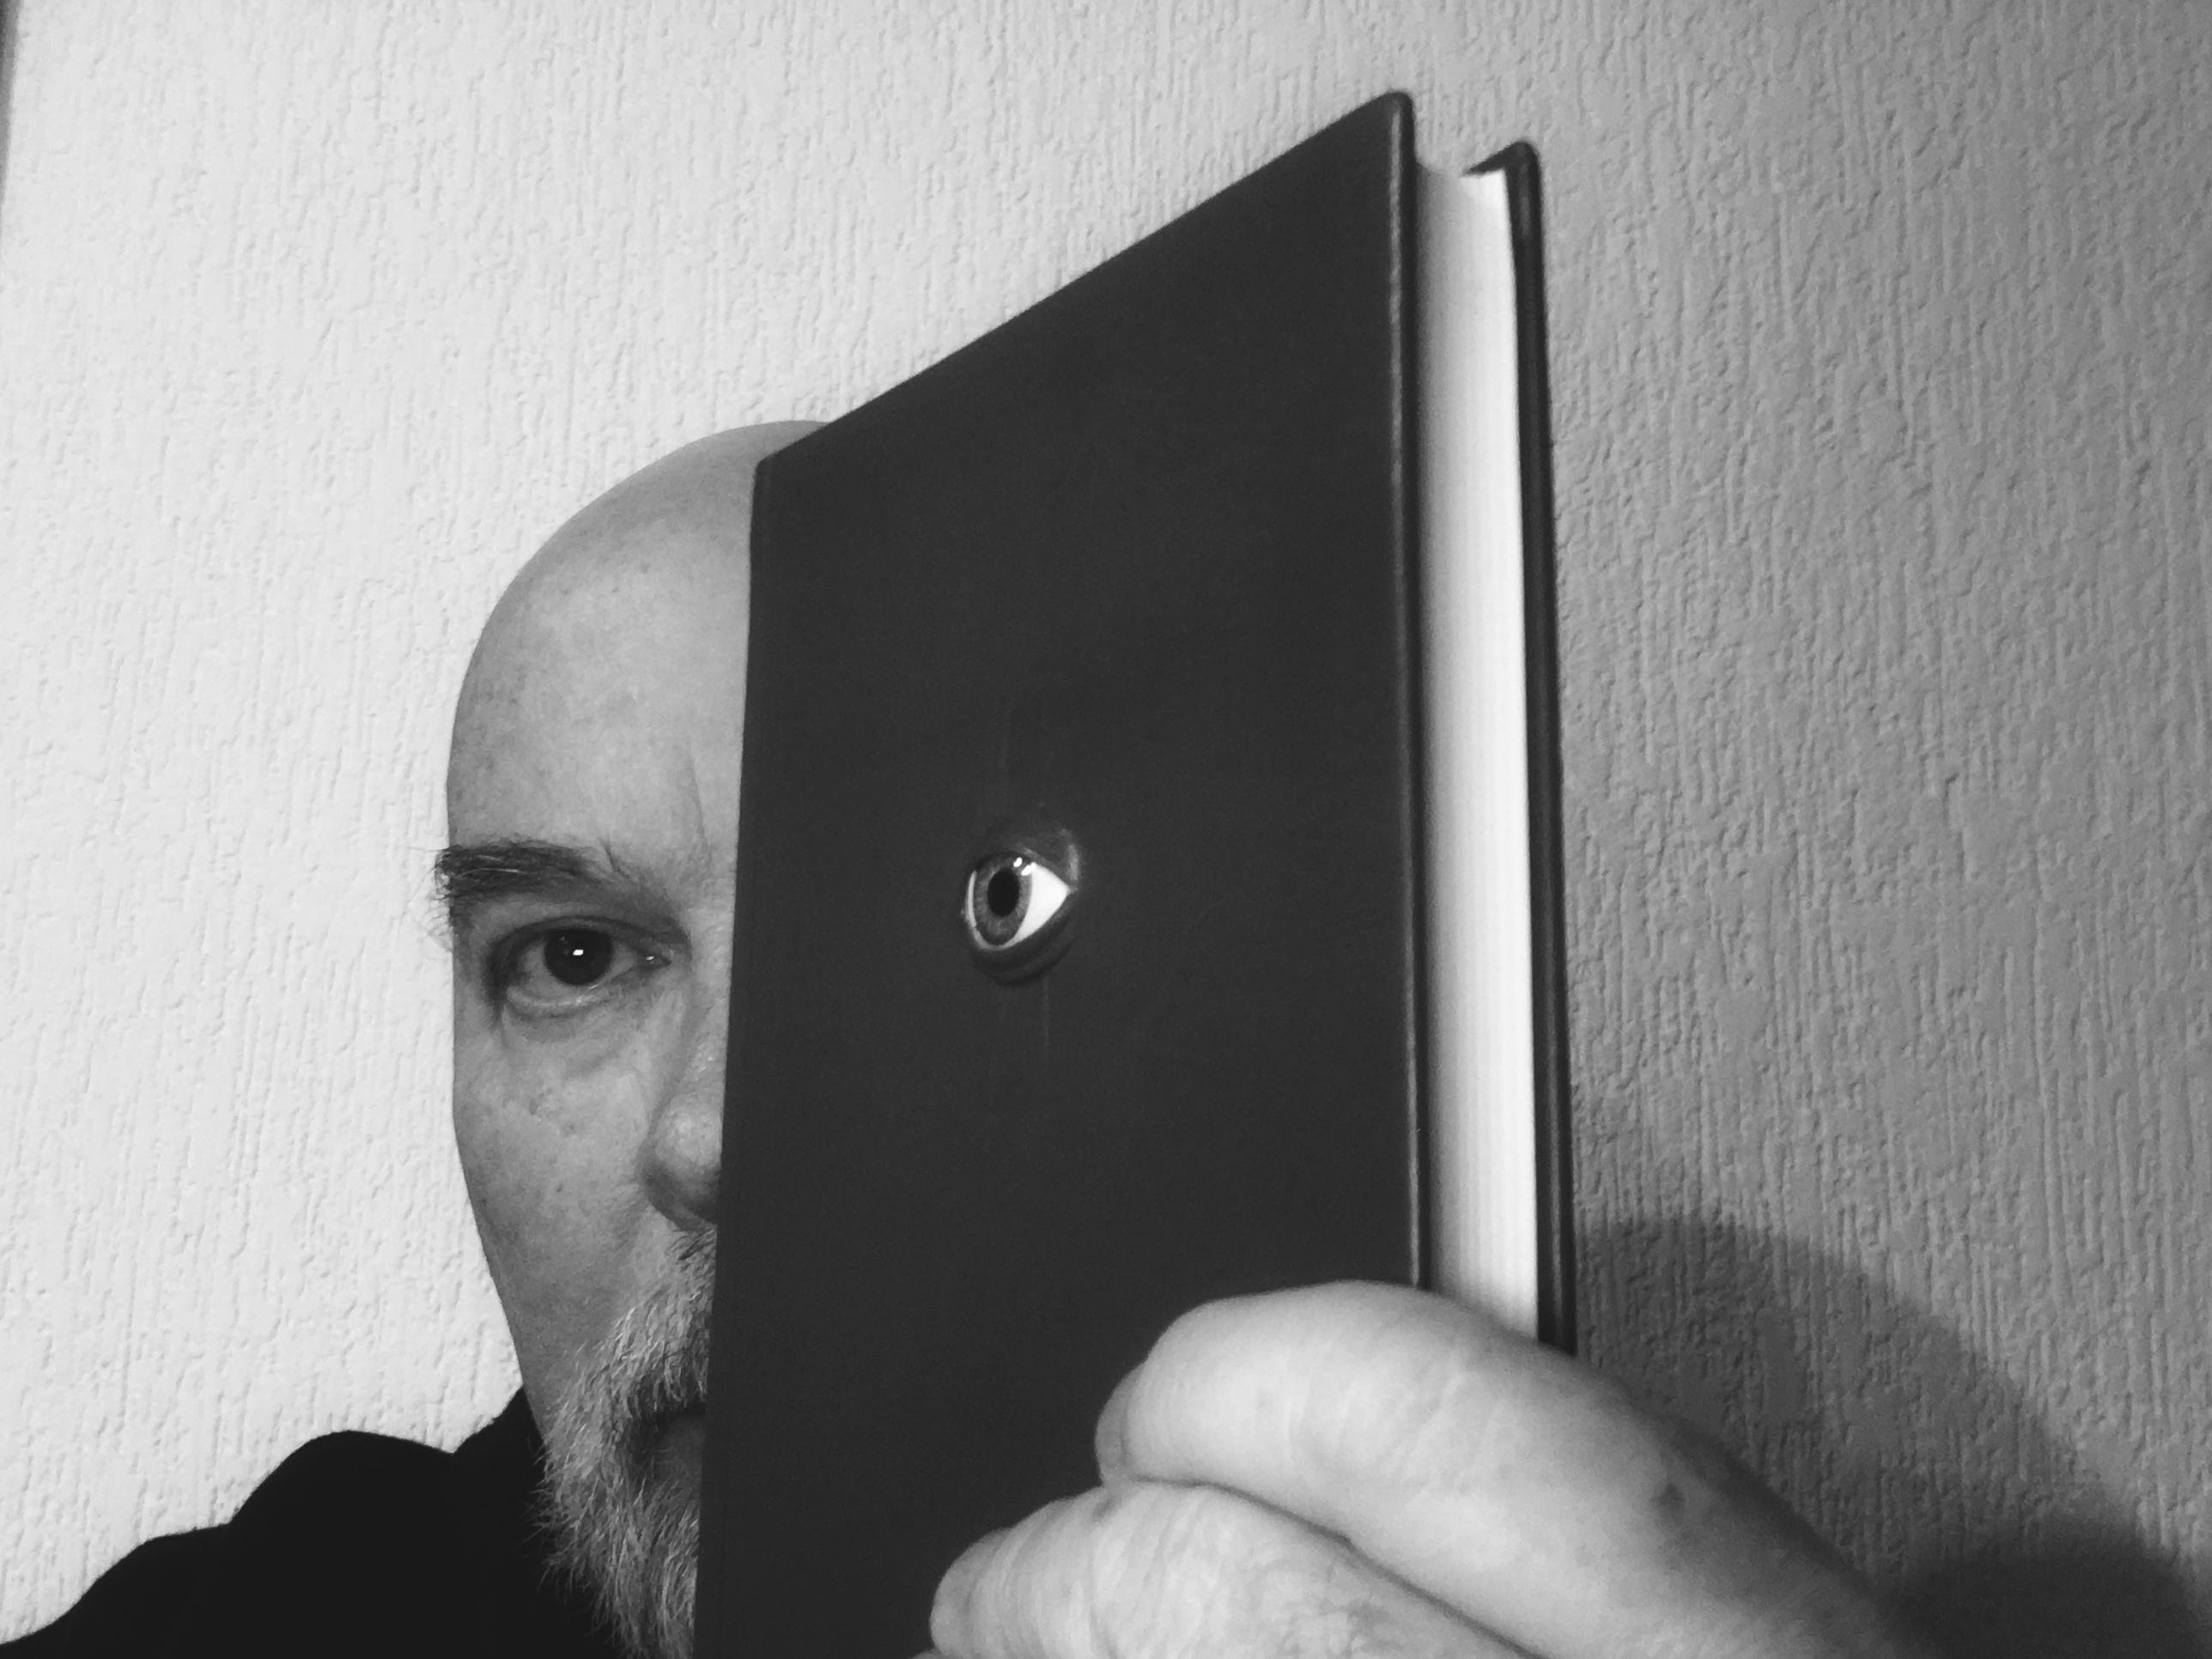 Hoy estamos ante la posibilidad de ofrecer a nivel mundial verdadera bibliodiversidad no sólo en formato de libro electrónico, sino también de libro impreso. Y eso hace toda la diferencia.